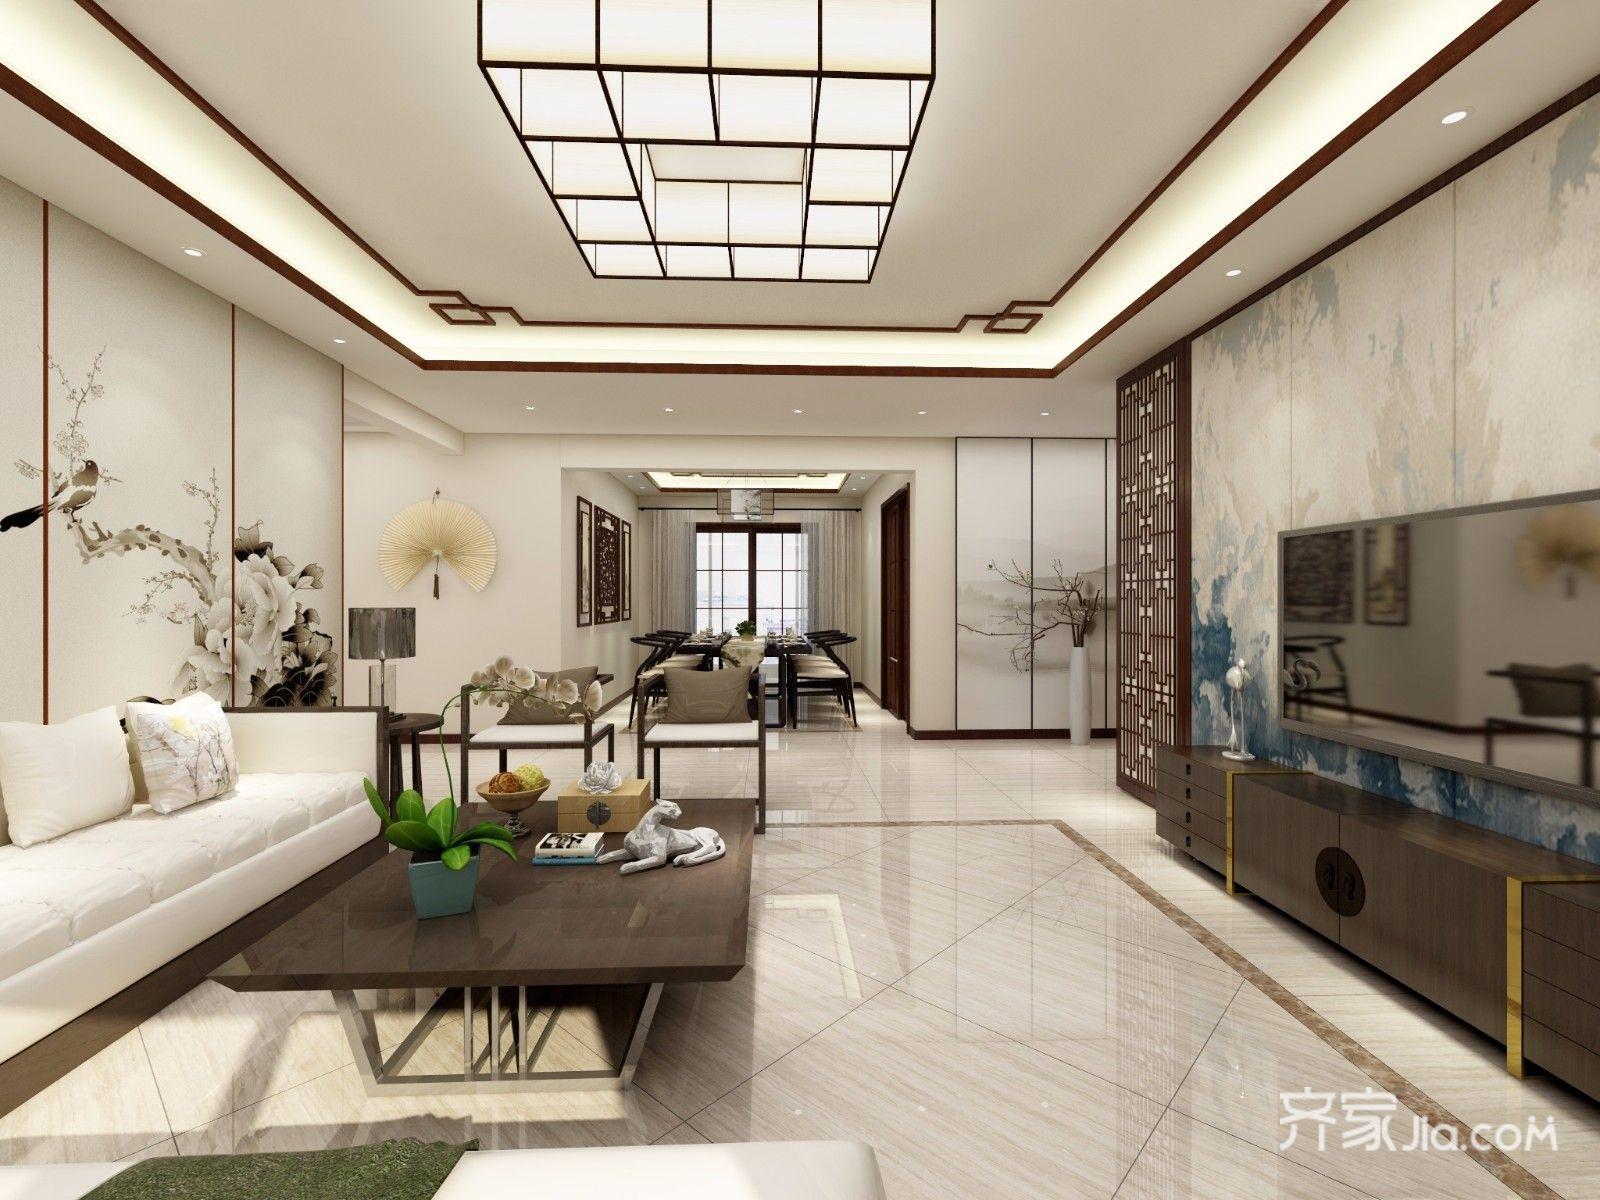 167平新中式风格客厅吊顶装修效果图